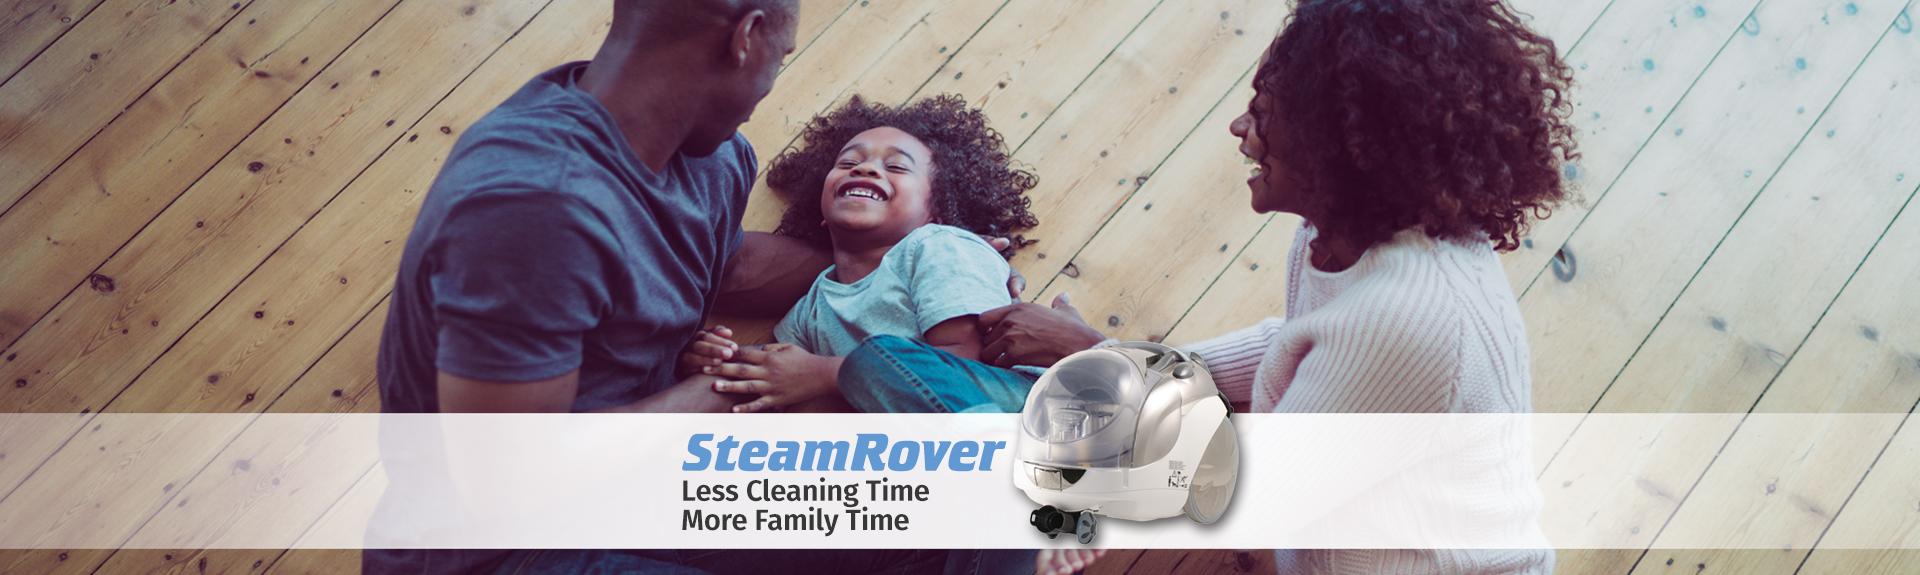 SteamRover